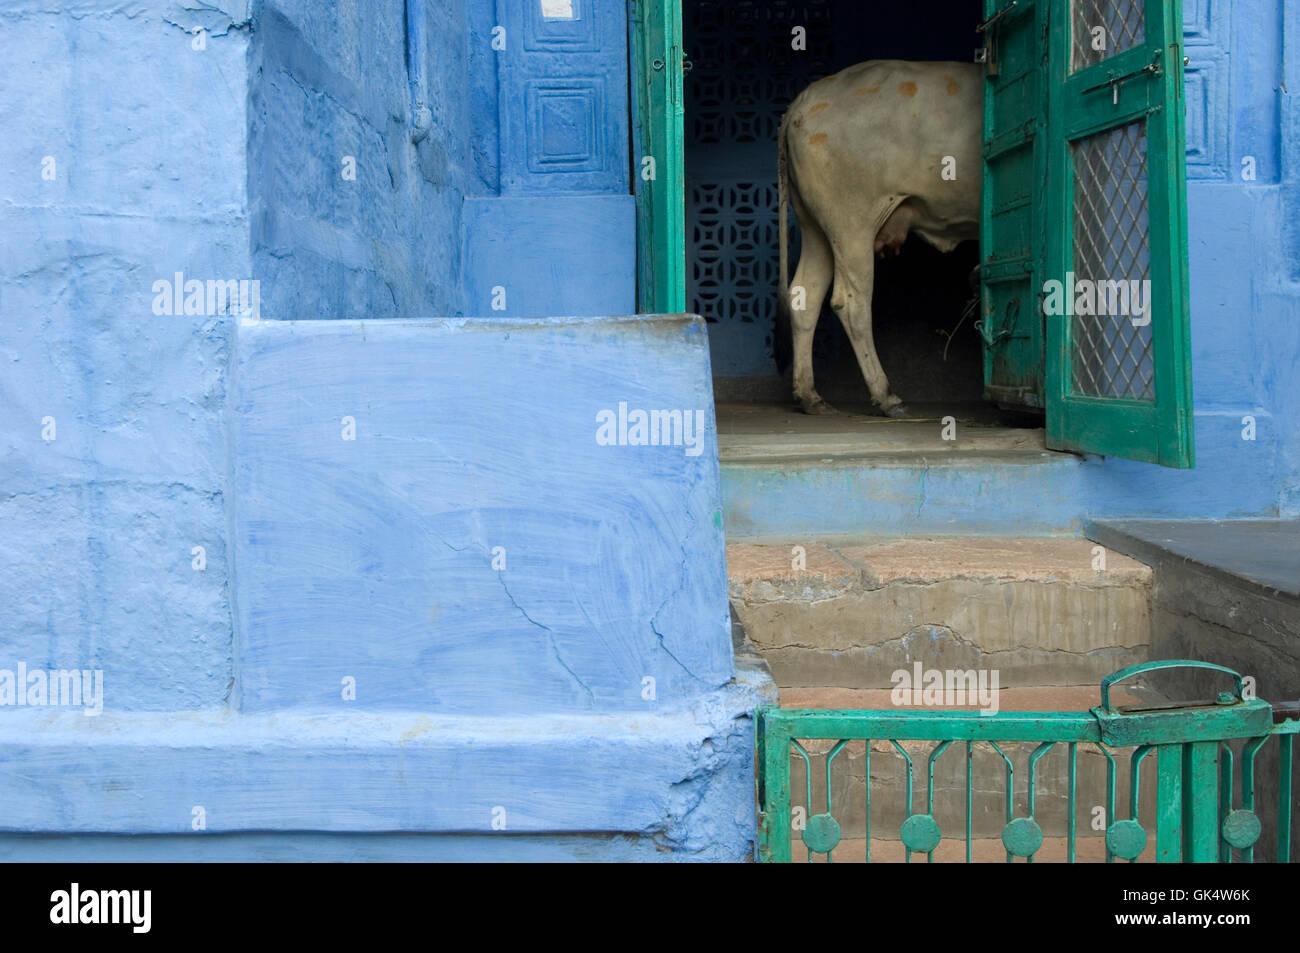 2009, Jodhpur, Indien---Kuh in Tür blau gestrichenen Hauses in alten Jodhpur---Bild von Jeremy Horner © Stockfoto